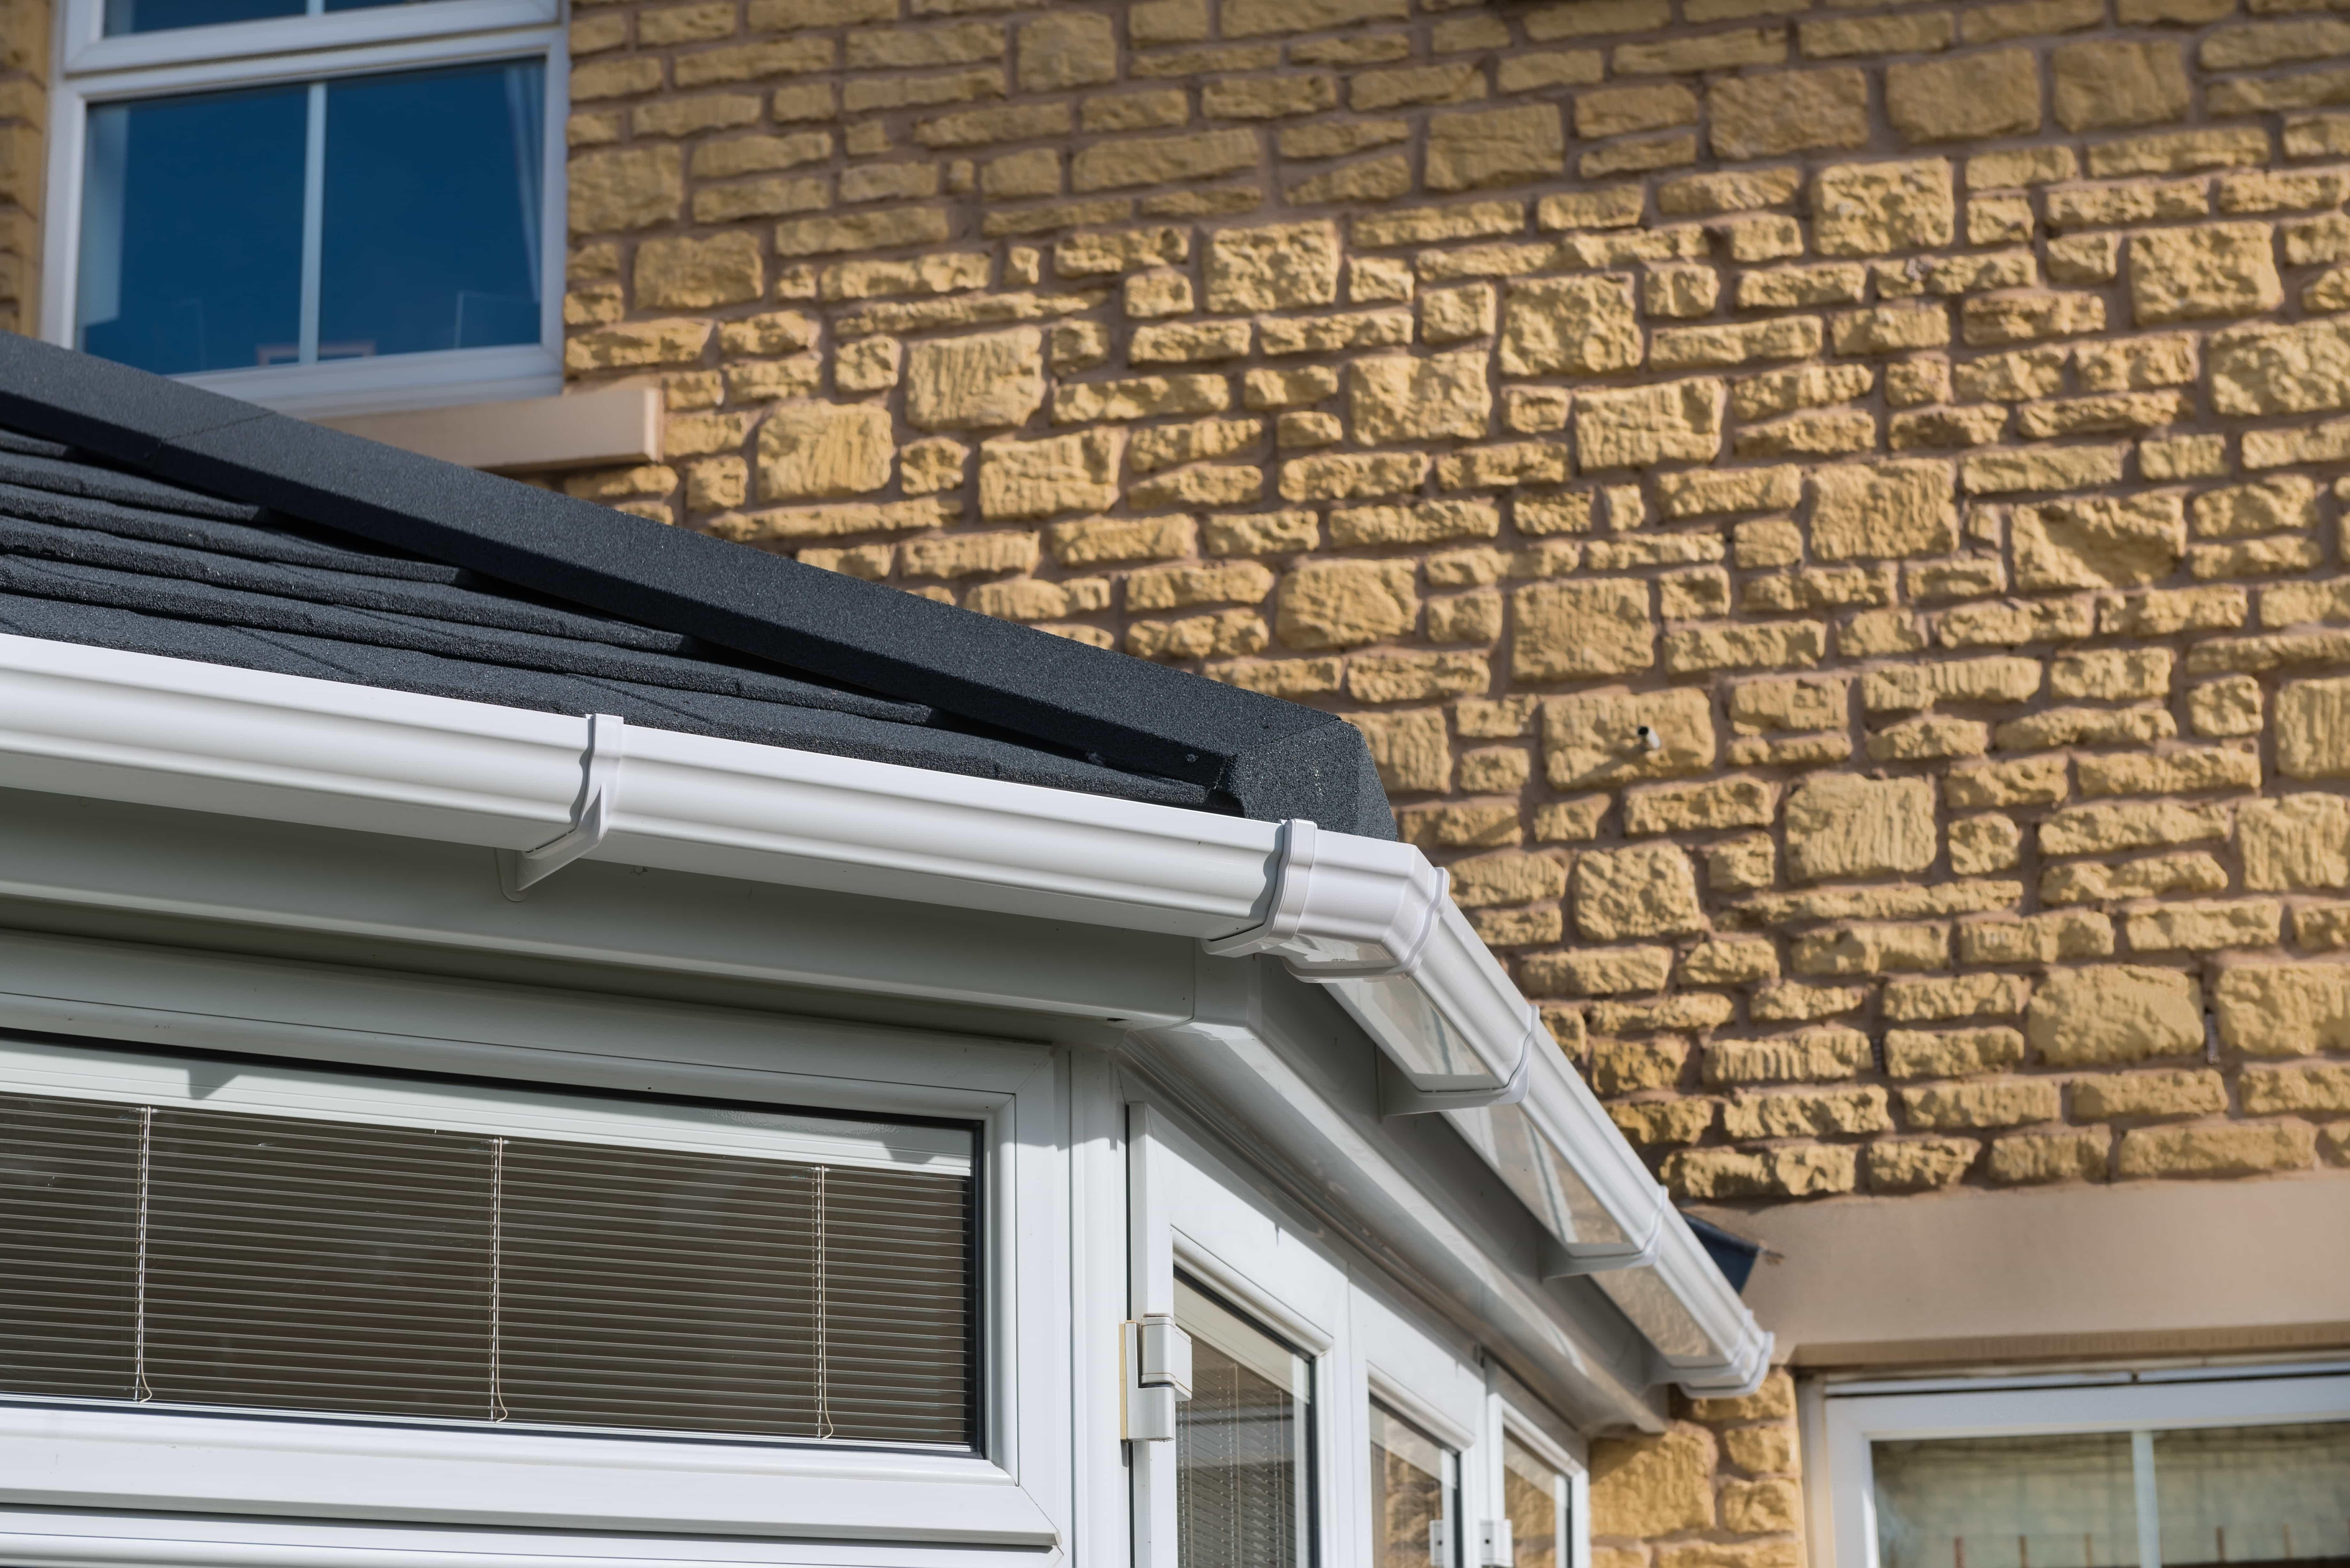 equinox roof